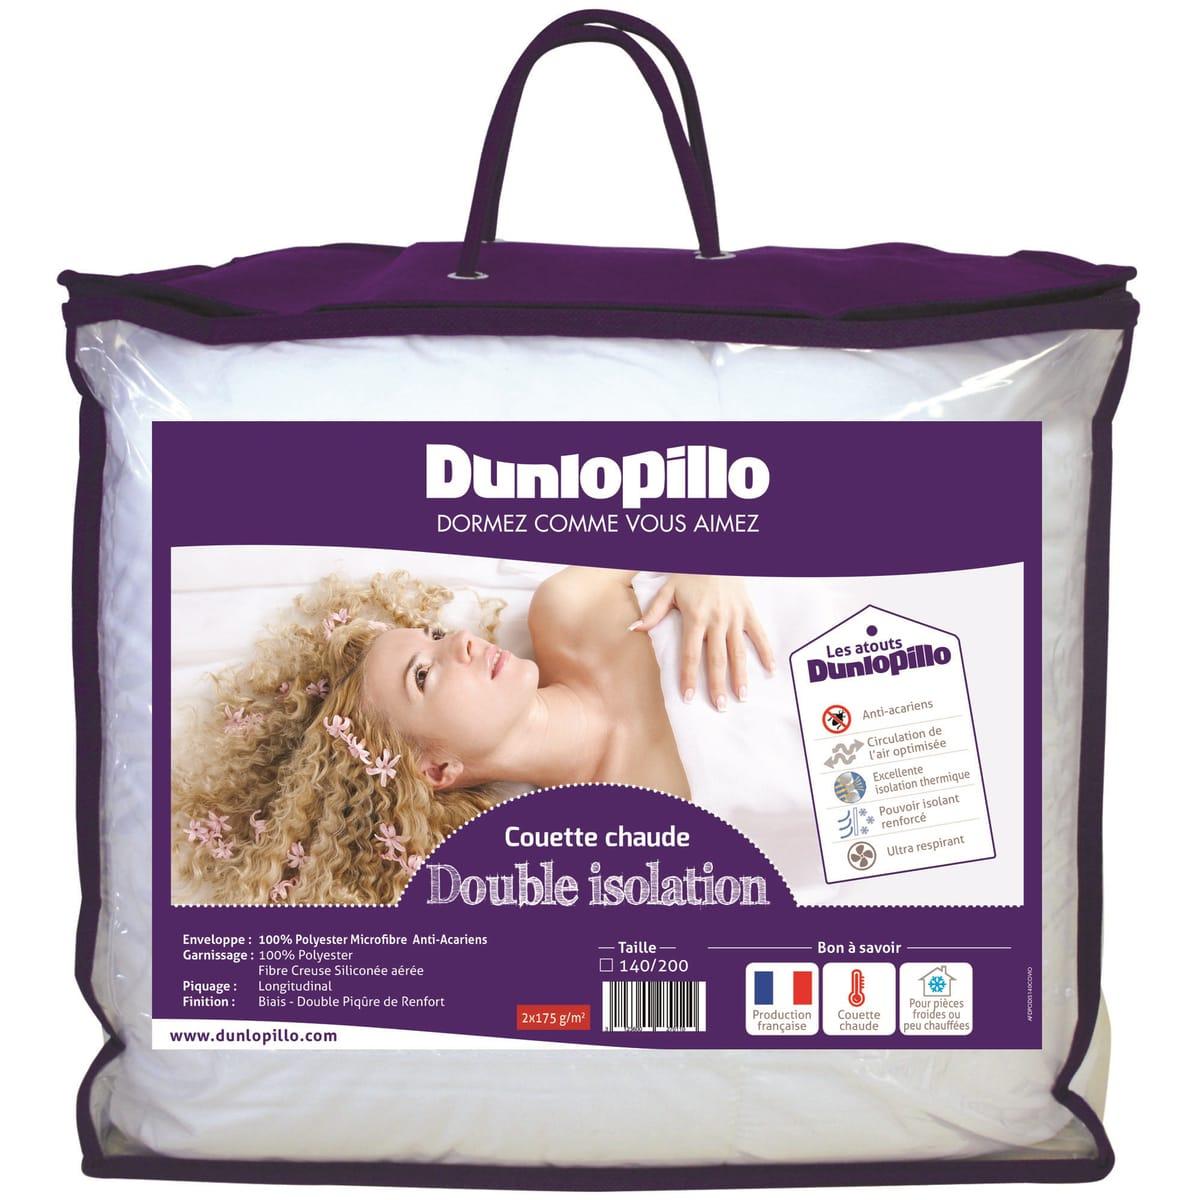 Couette chaude microfibre Dunlopillo double isolation - 240x260cm